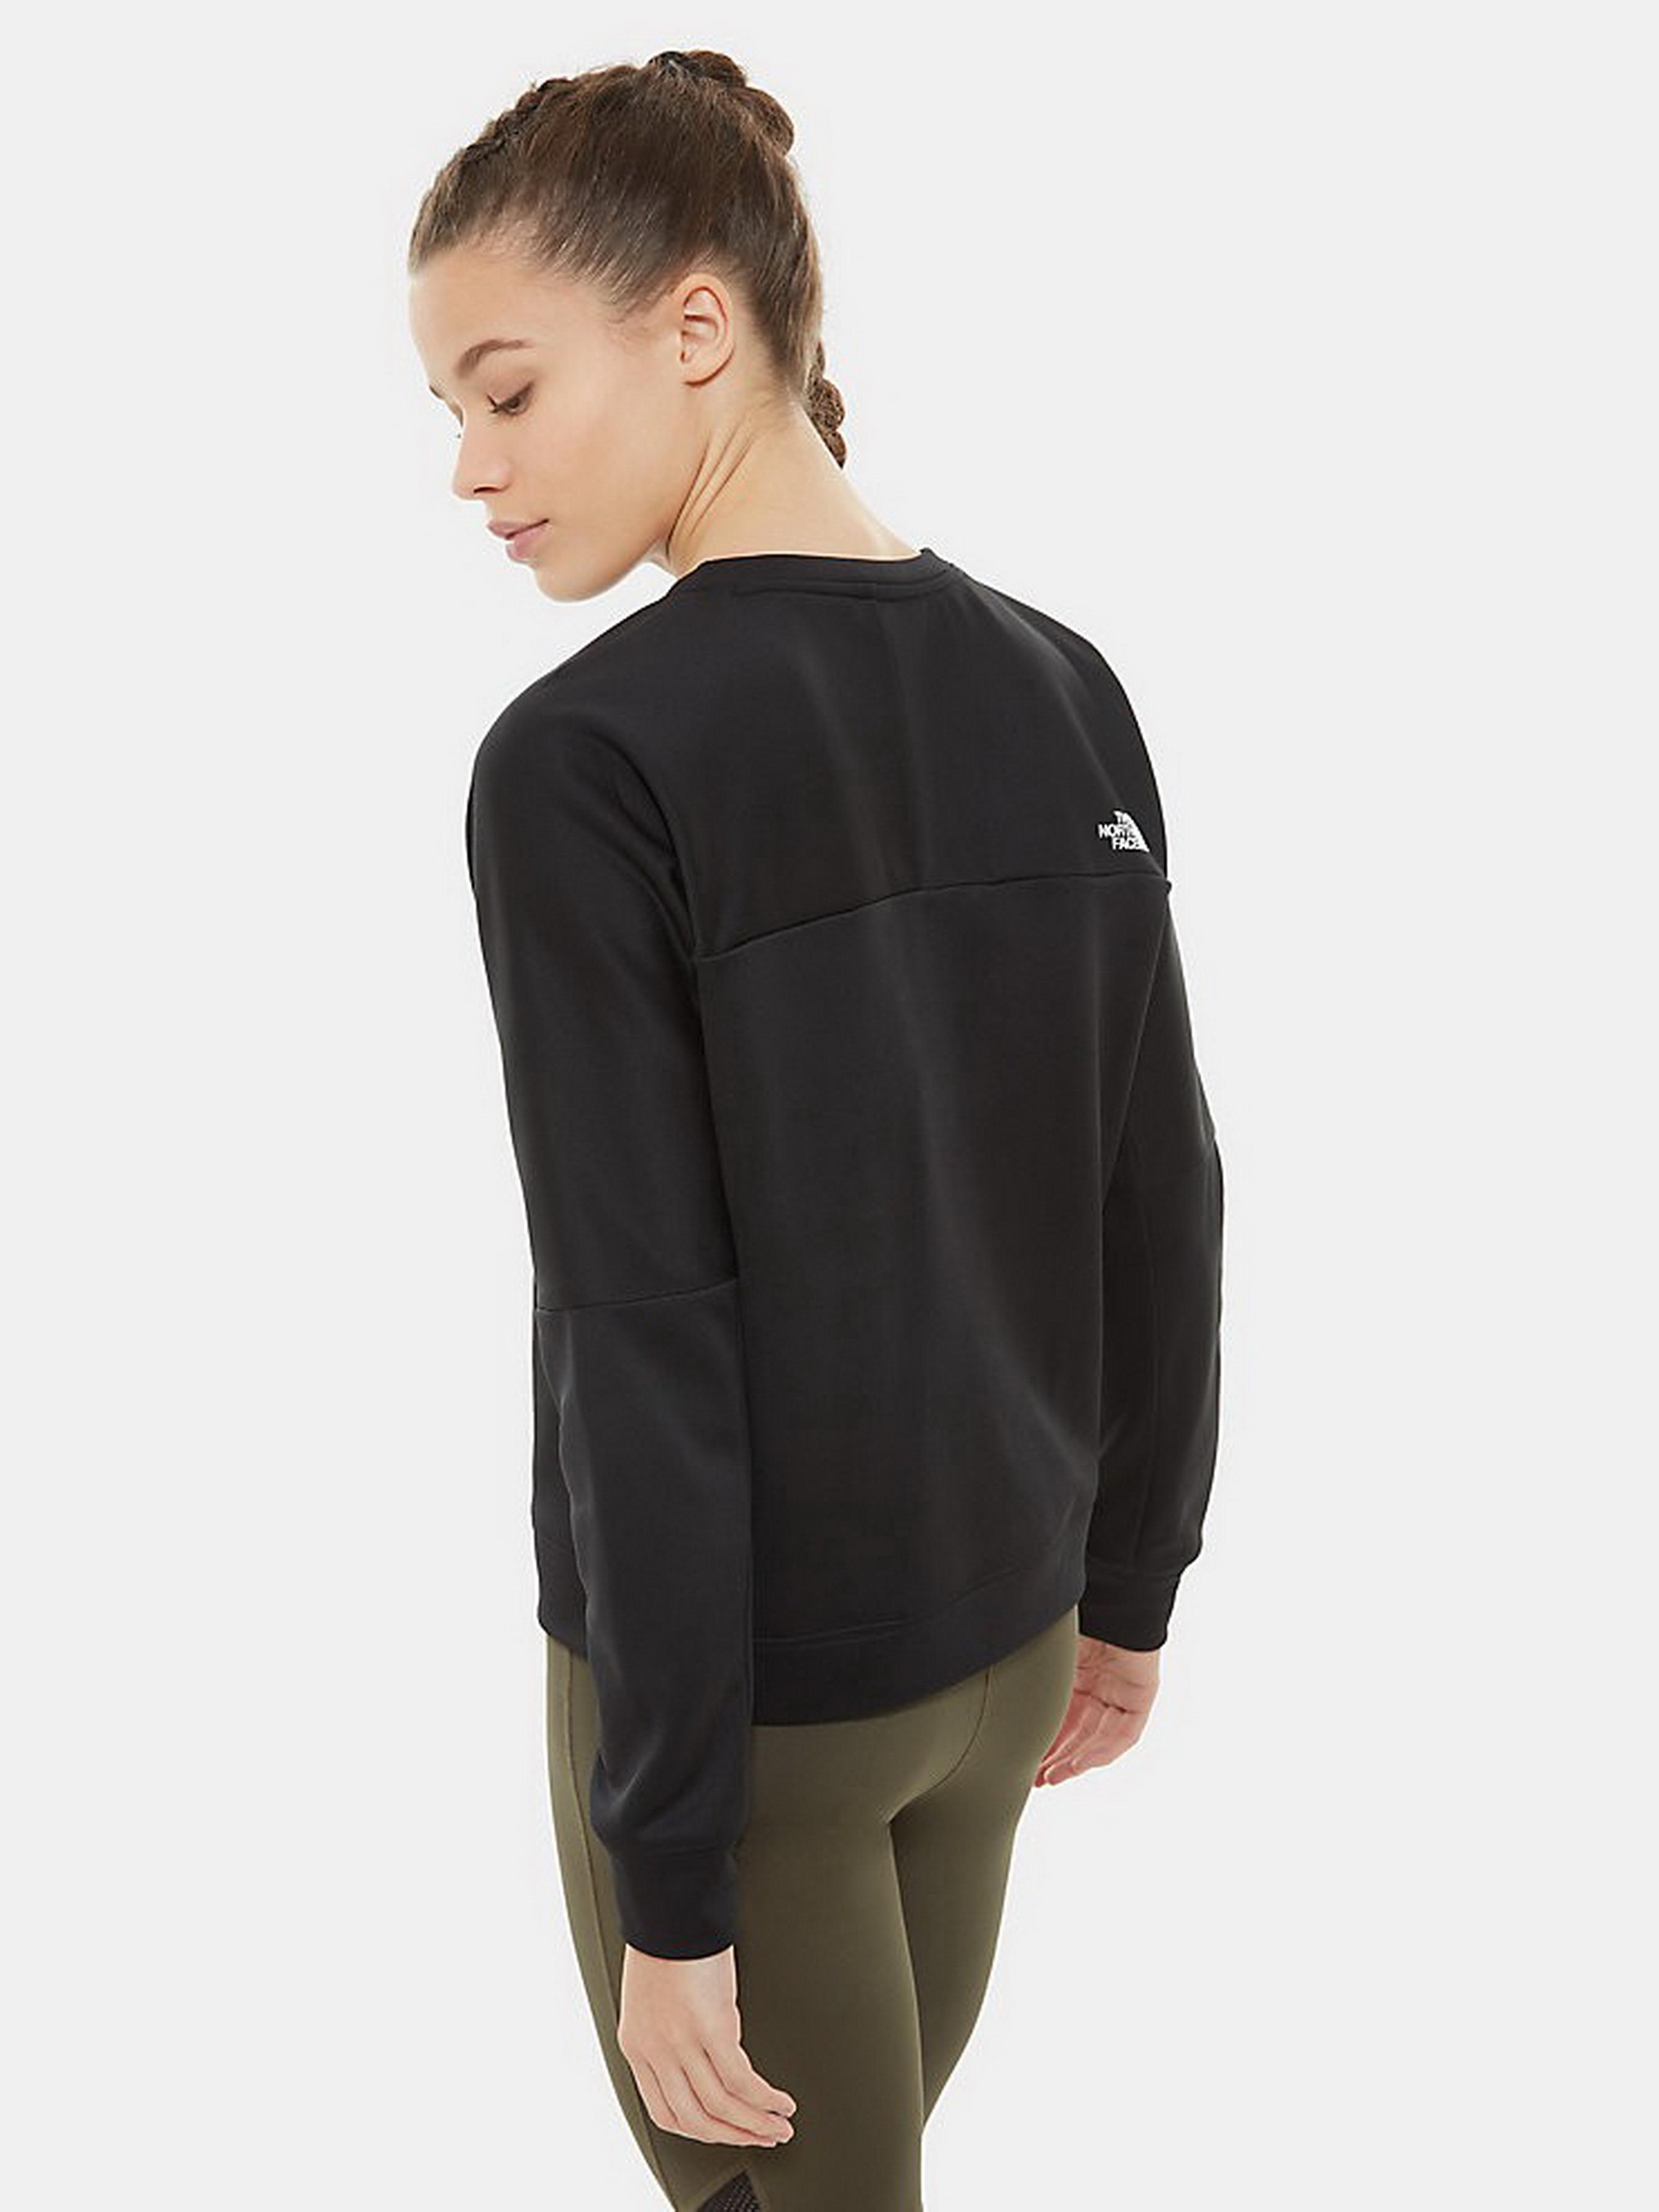 Кофты и свитера женские The North Face модель N1647 приобрести, 2017